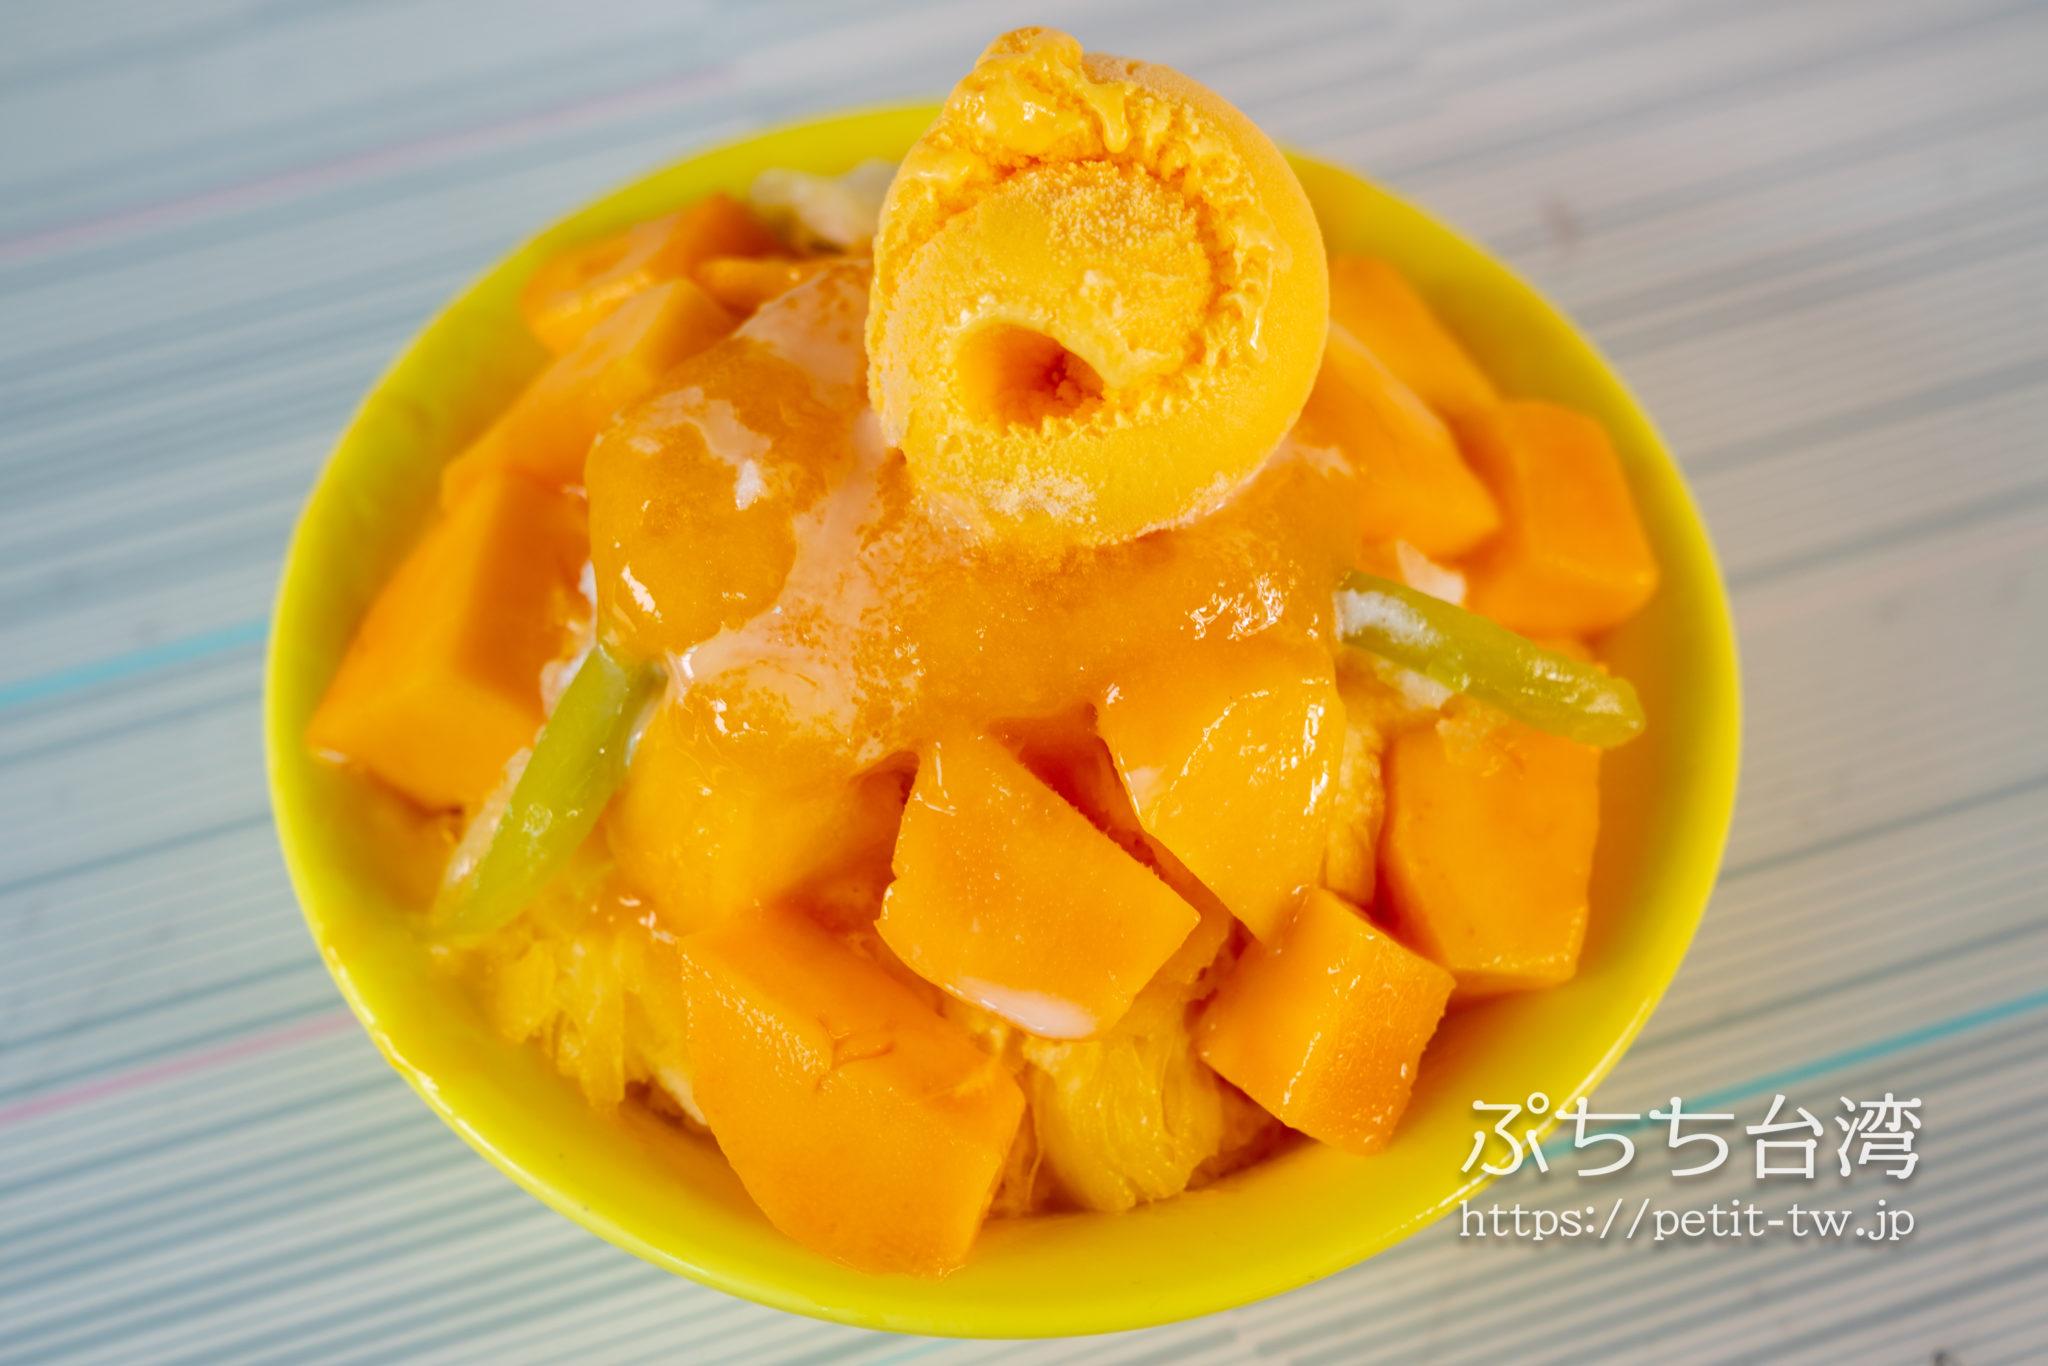 有間冰舗芒果冰のマンゴーかき氷「芒果無雙」